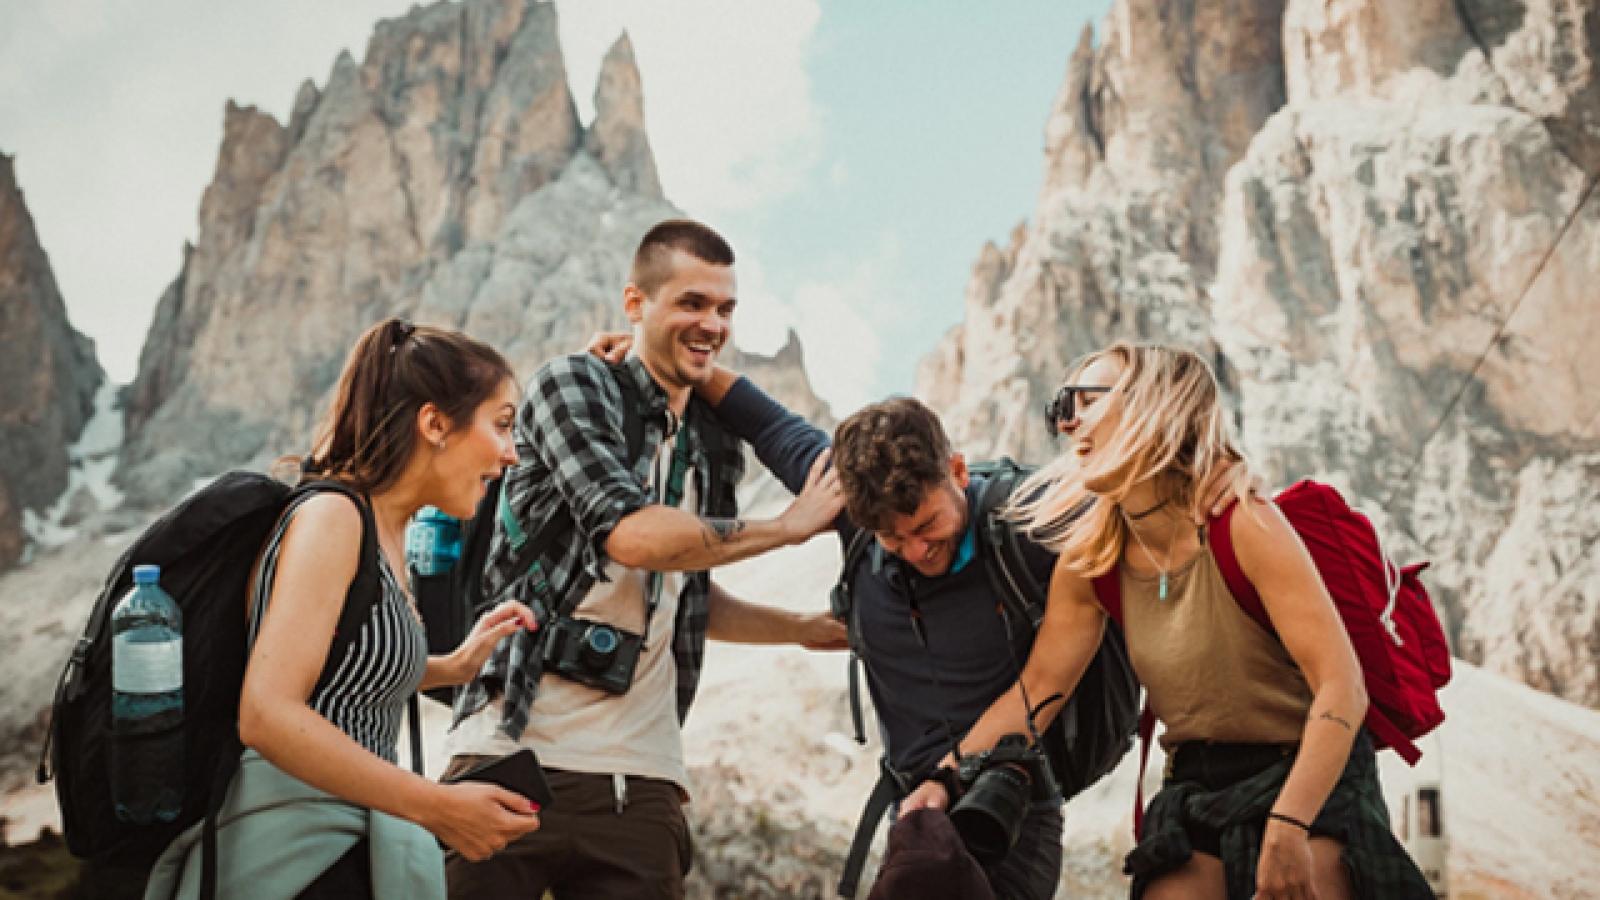 Những điều nên tránh khi đi du lịch cùng bạn bè